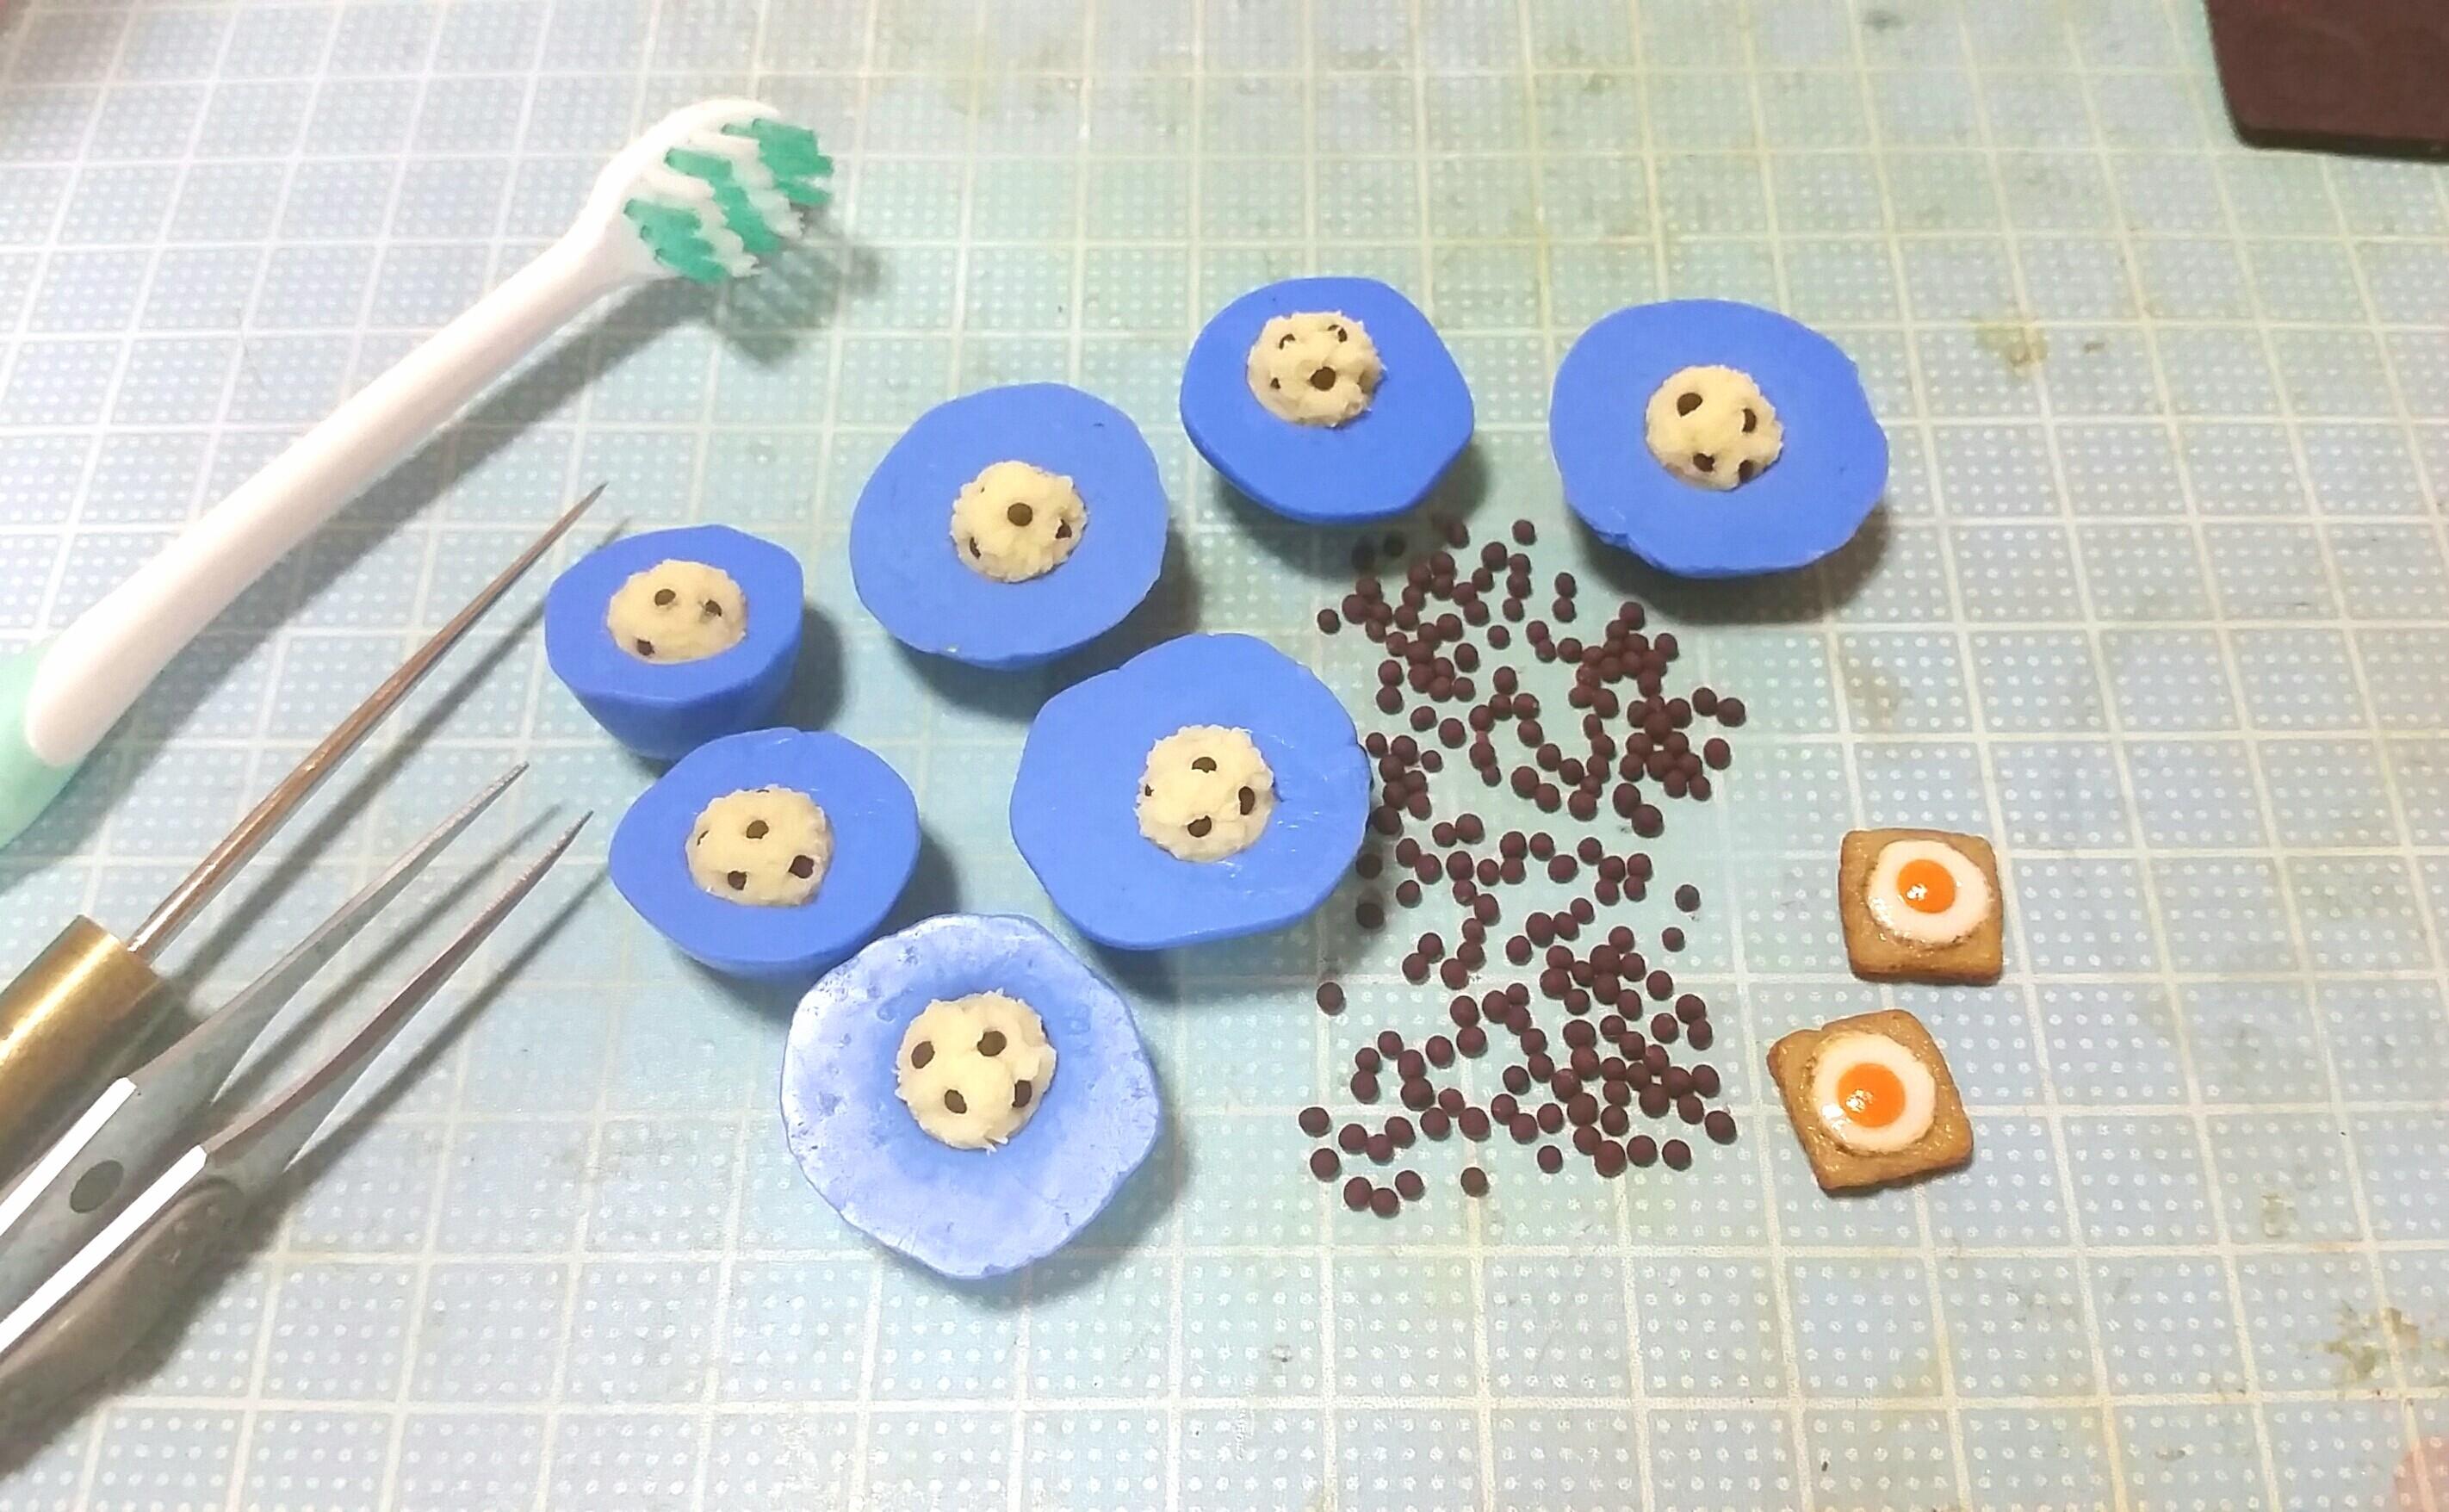 ミニチュアフード,カップケーキマフィン,樹脂粘土,まとめ画像,自作